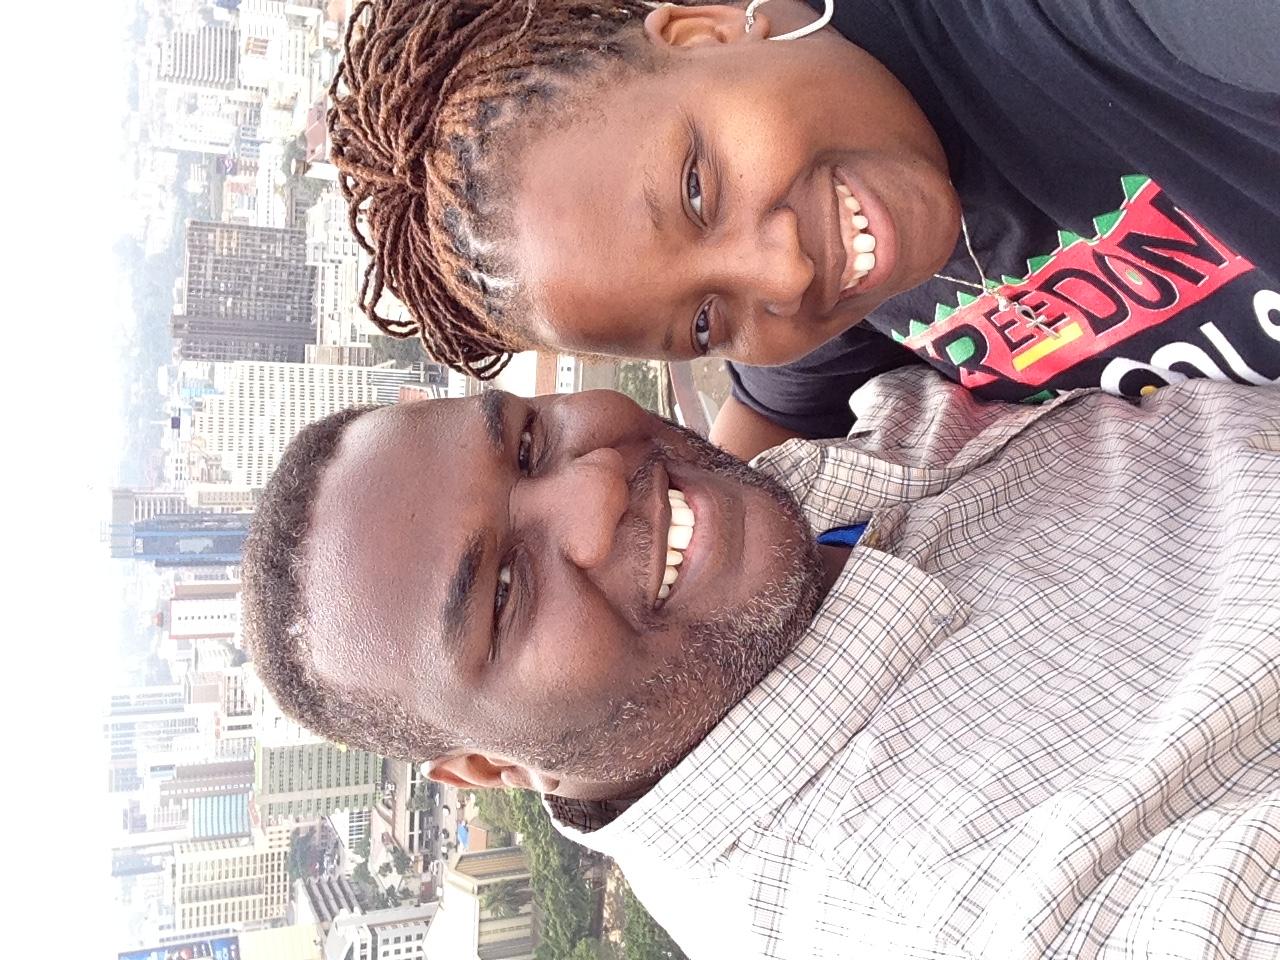 KenKel in Nairobi